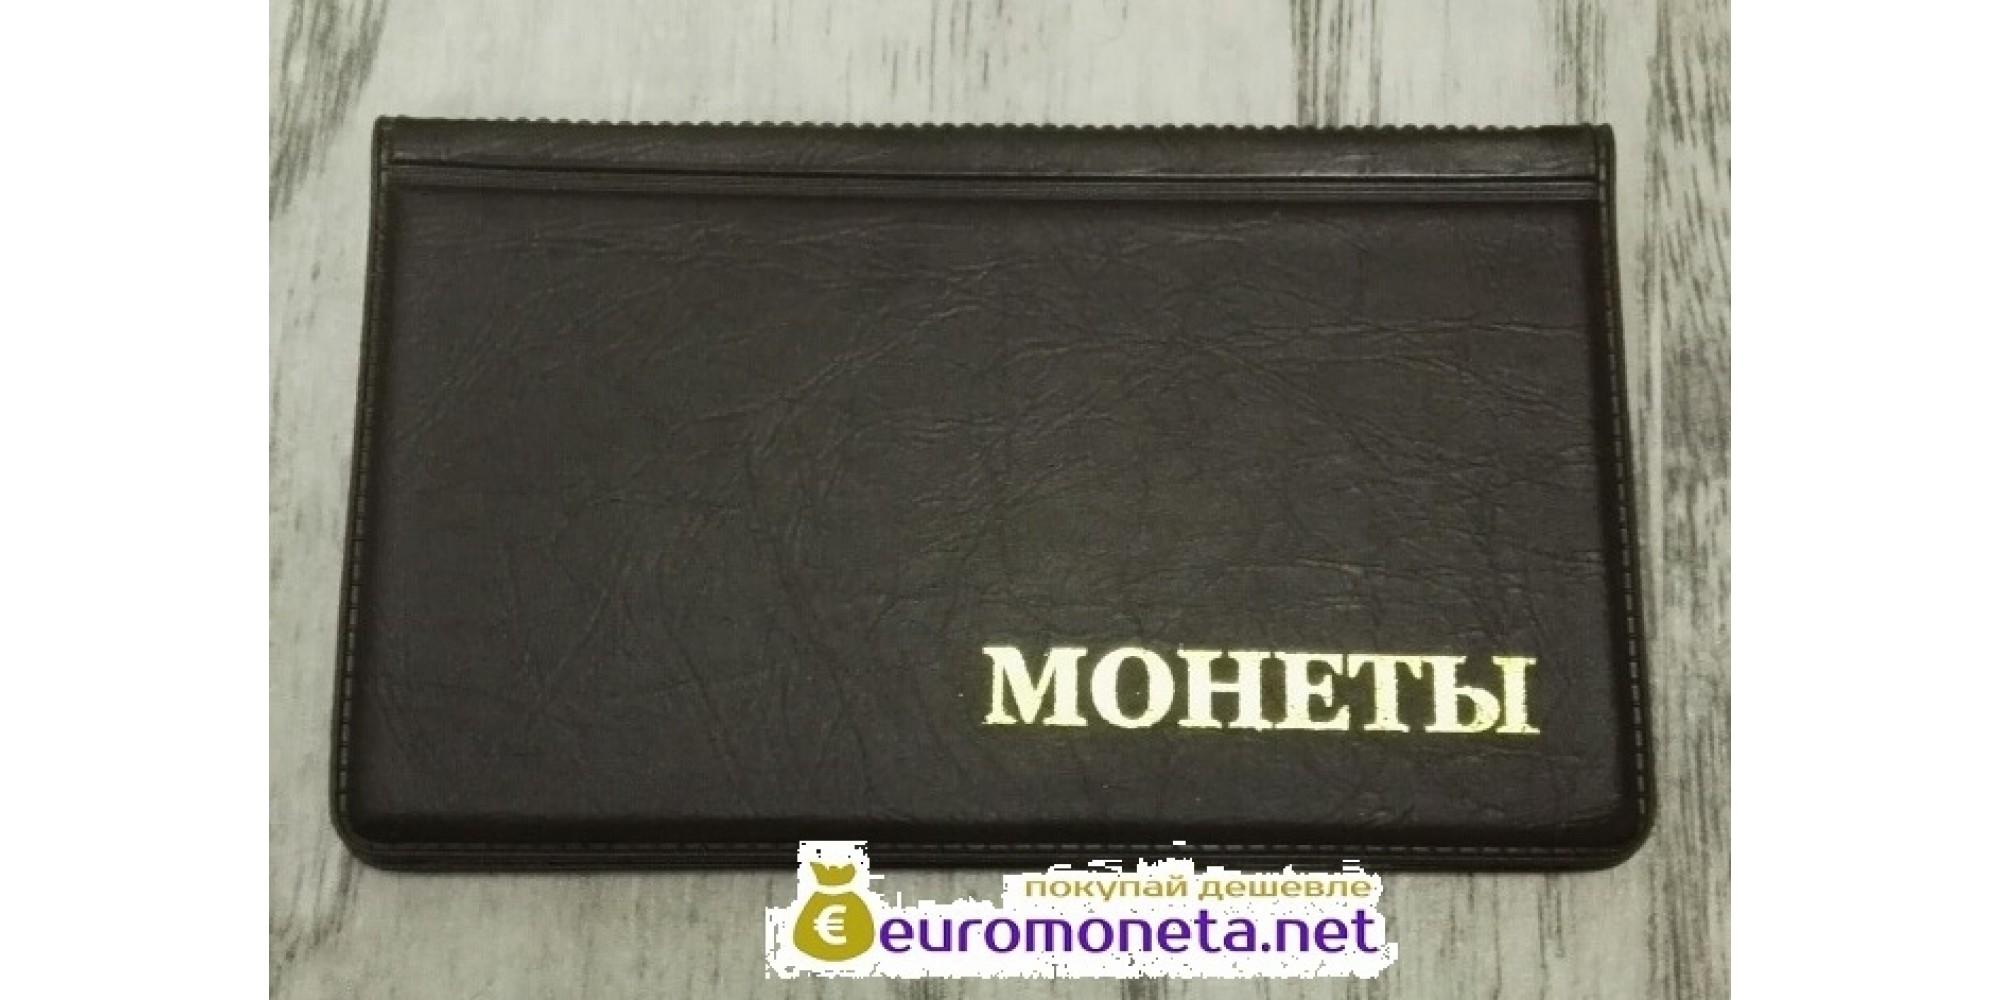 Альбом карманный для монет в холдерах 12 ячеек кожзам, синий, пр-во Россия